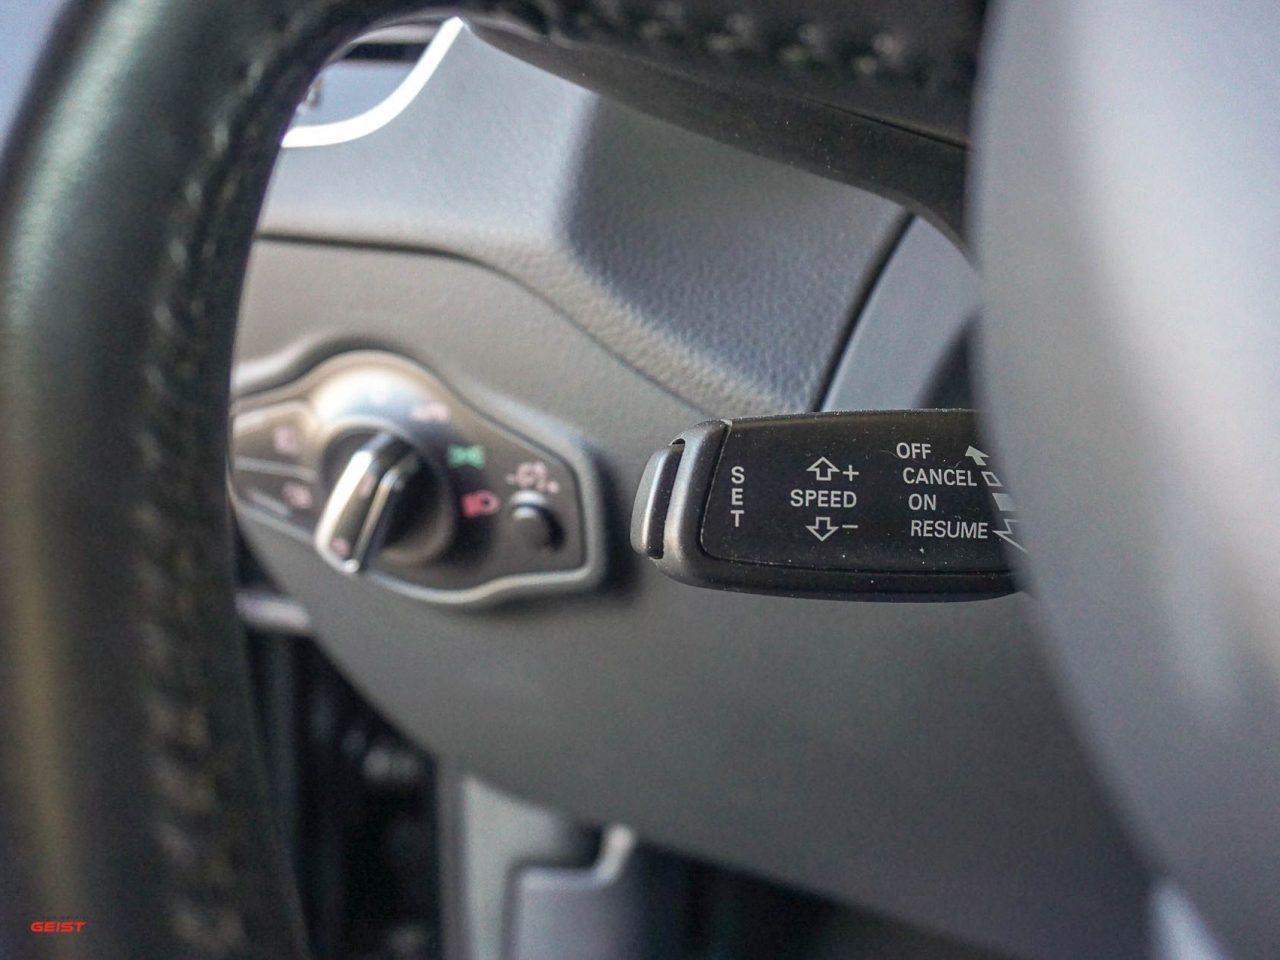 audi-q5-quattro-automat-negru-1019-02346